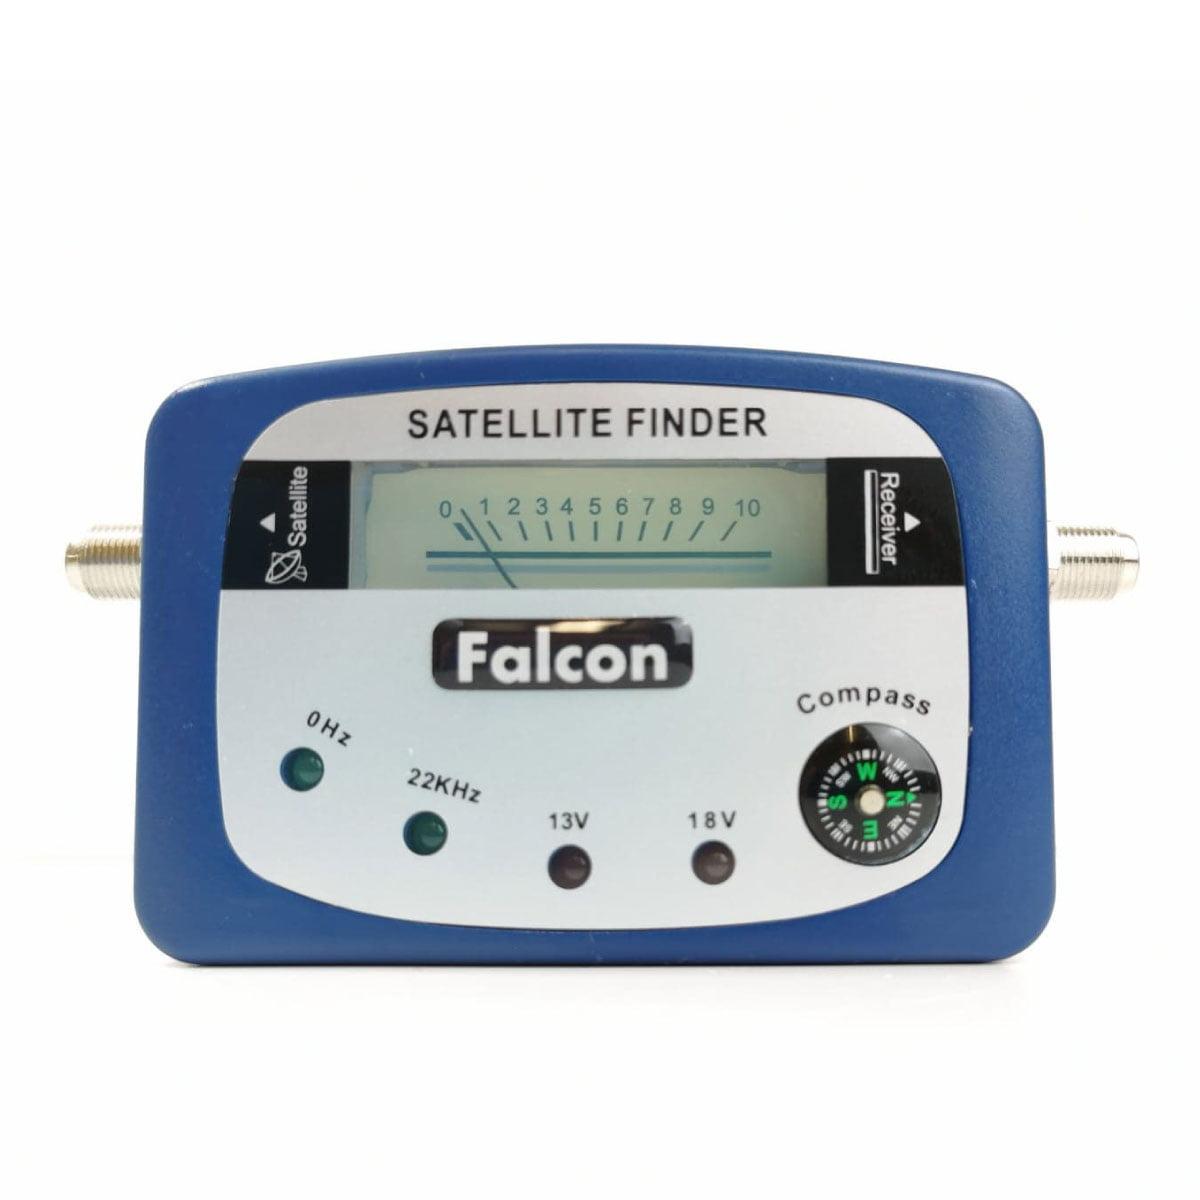 Sat-Finder-1-Product